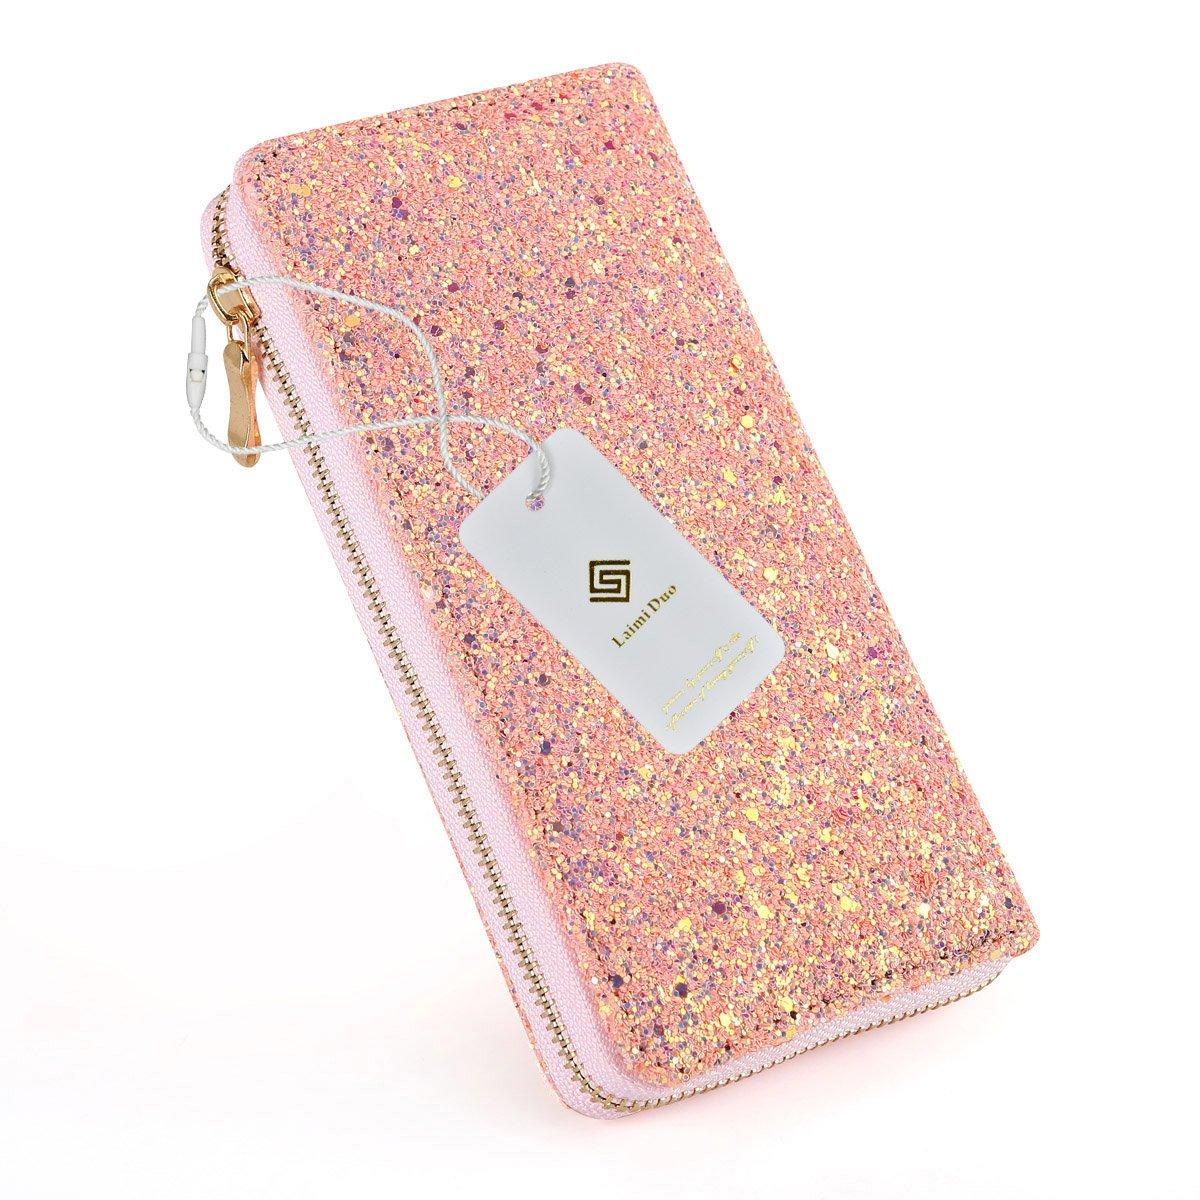 Luxry Pink Glitter Purse Girl's Wallets Bling Women's Handbag Evening Clutch Envelope bag